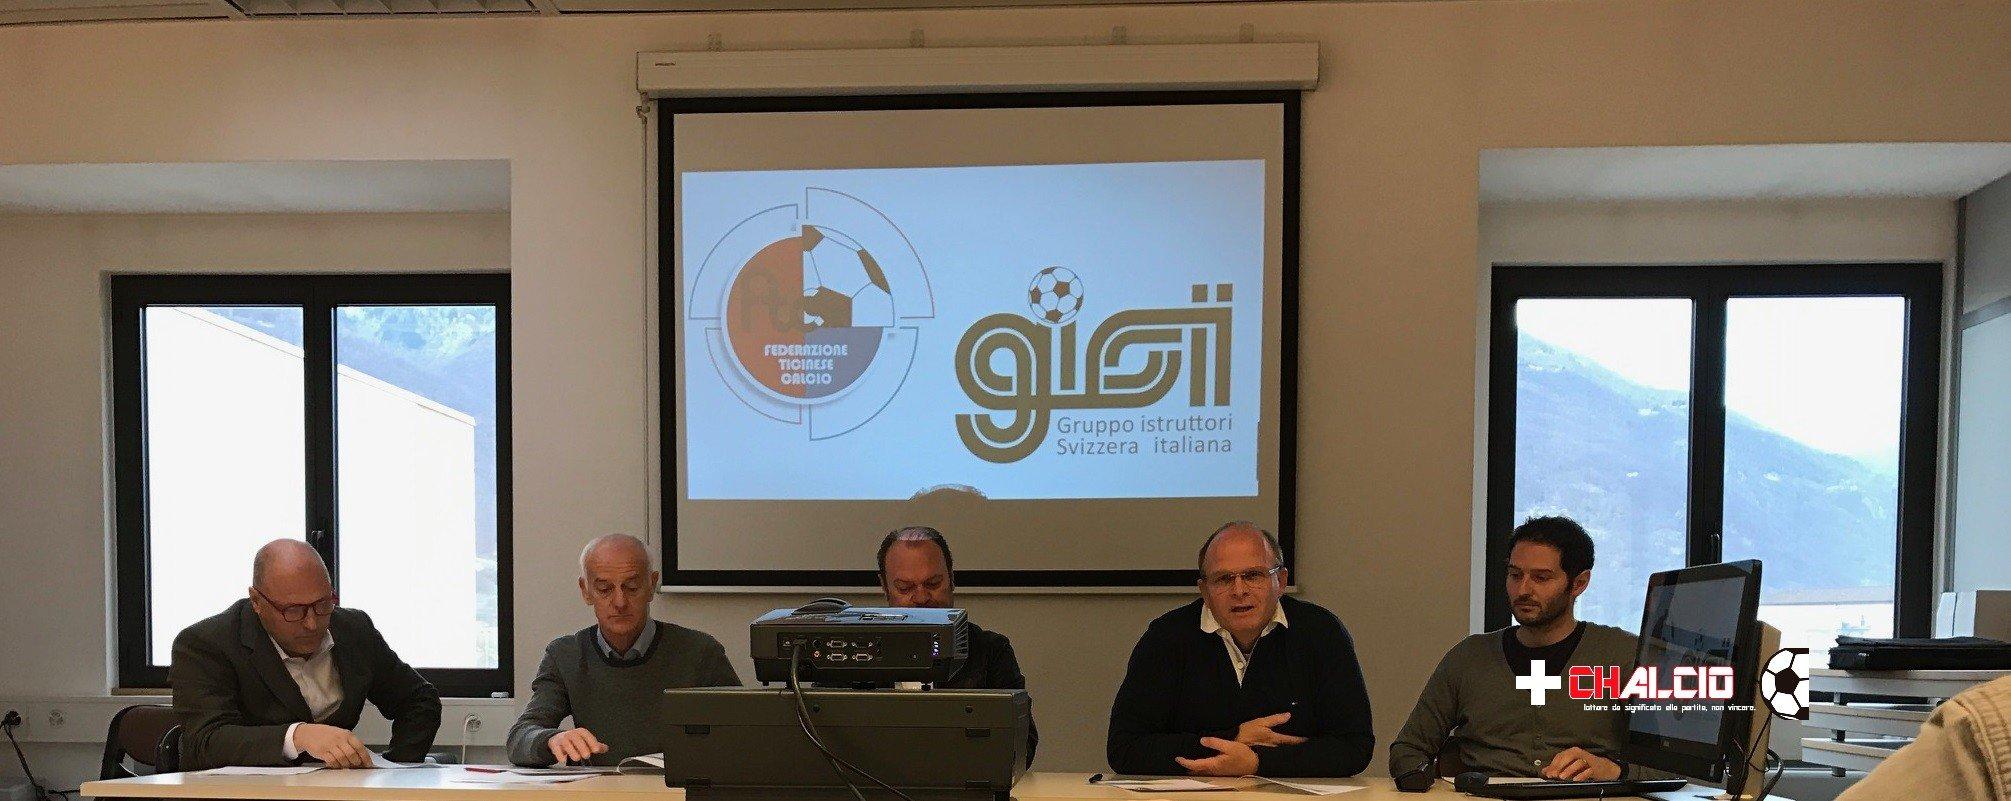 Nuovo progetto della Federazione Ticinese Calcio